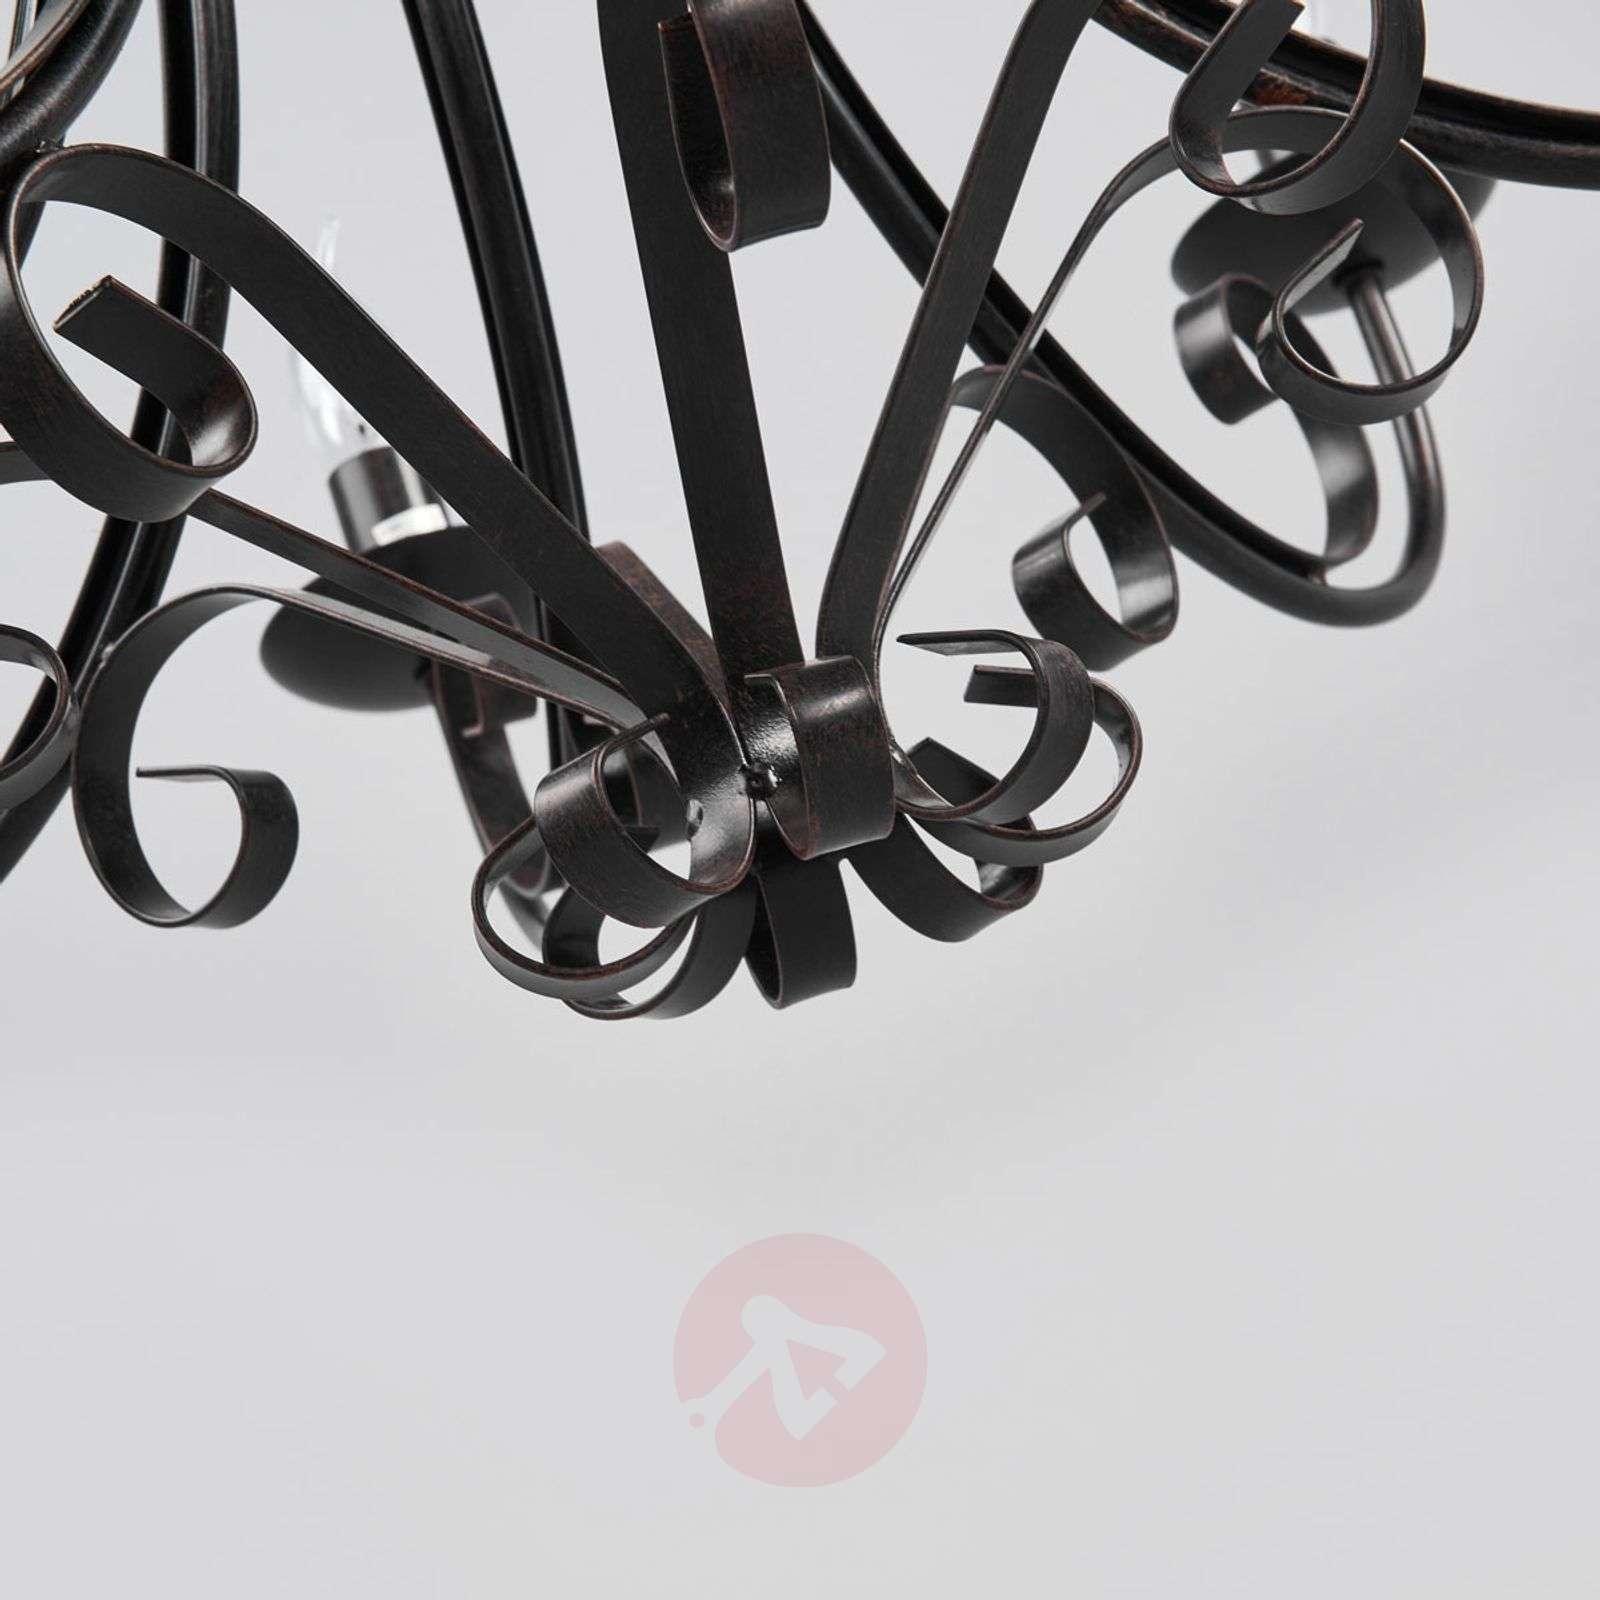 ROMA 8 maalaistalon tyylinen 8-osainen kattokruunu-4508090-01